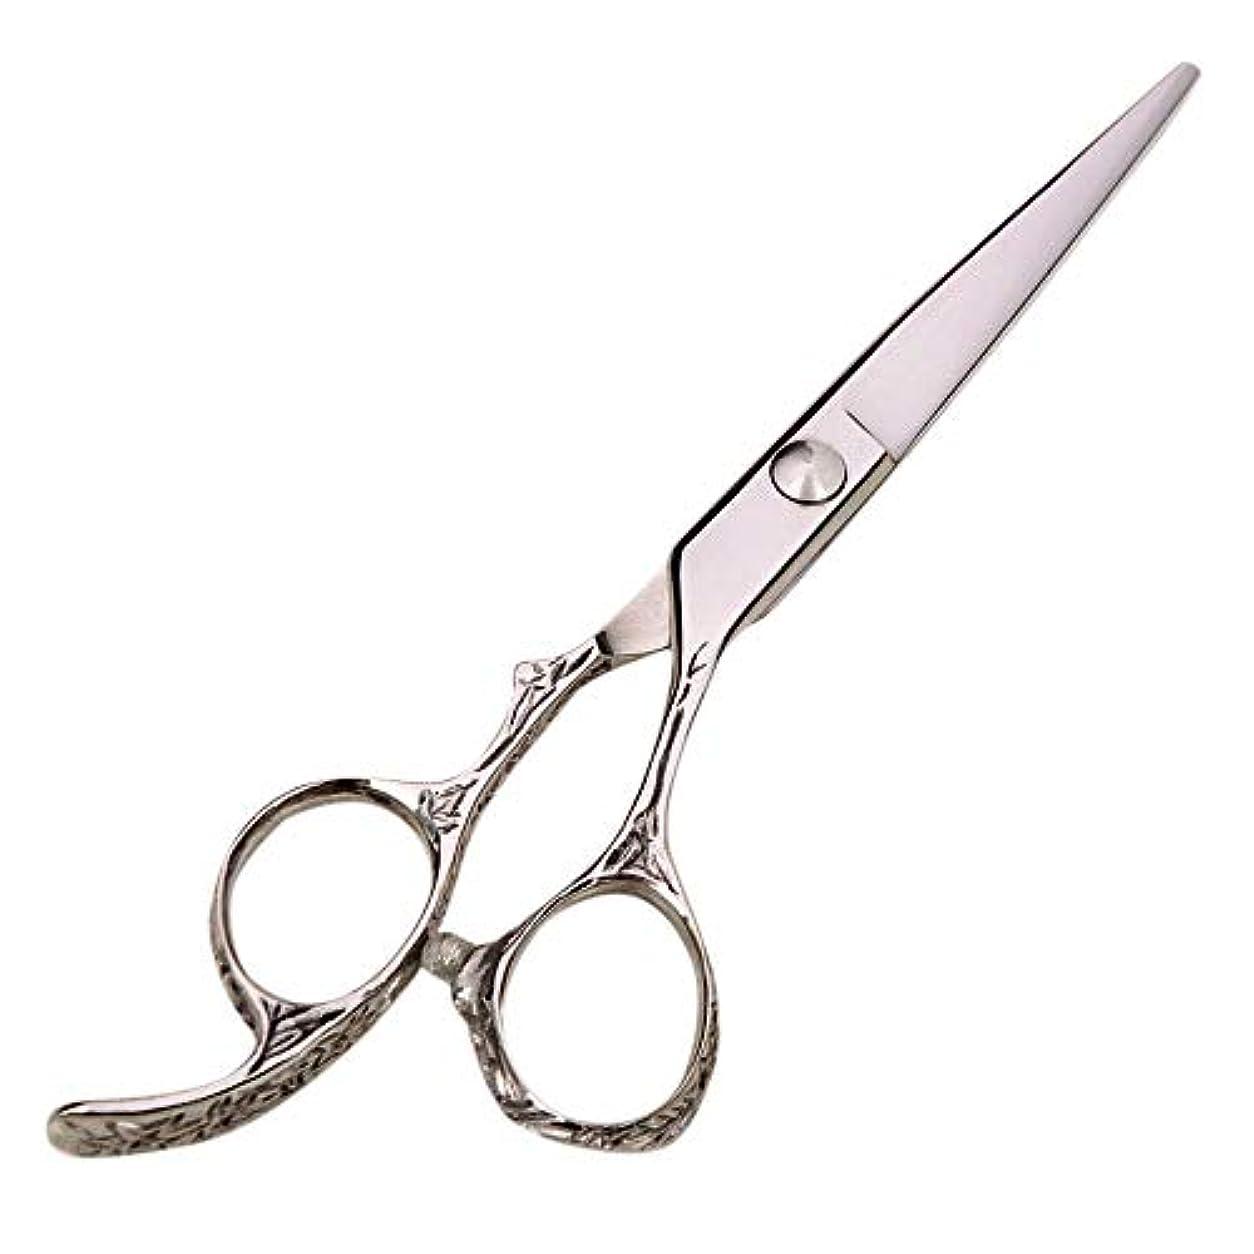 ペルメル患者思い出させる6インチハイエンドプロフェッショナル理髪はさみ、美容院理髪ツール ヘアケア (色 : Silver)